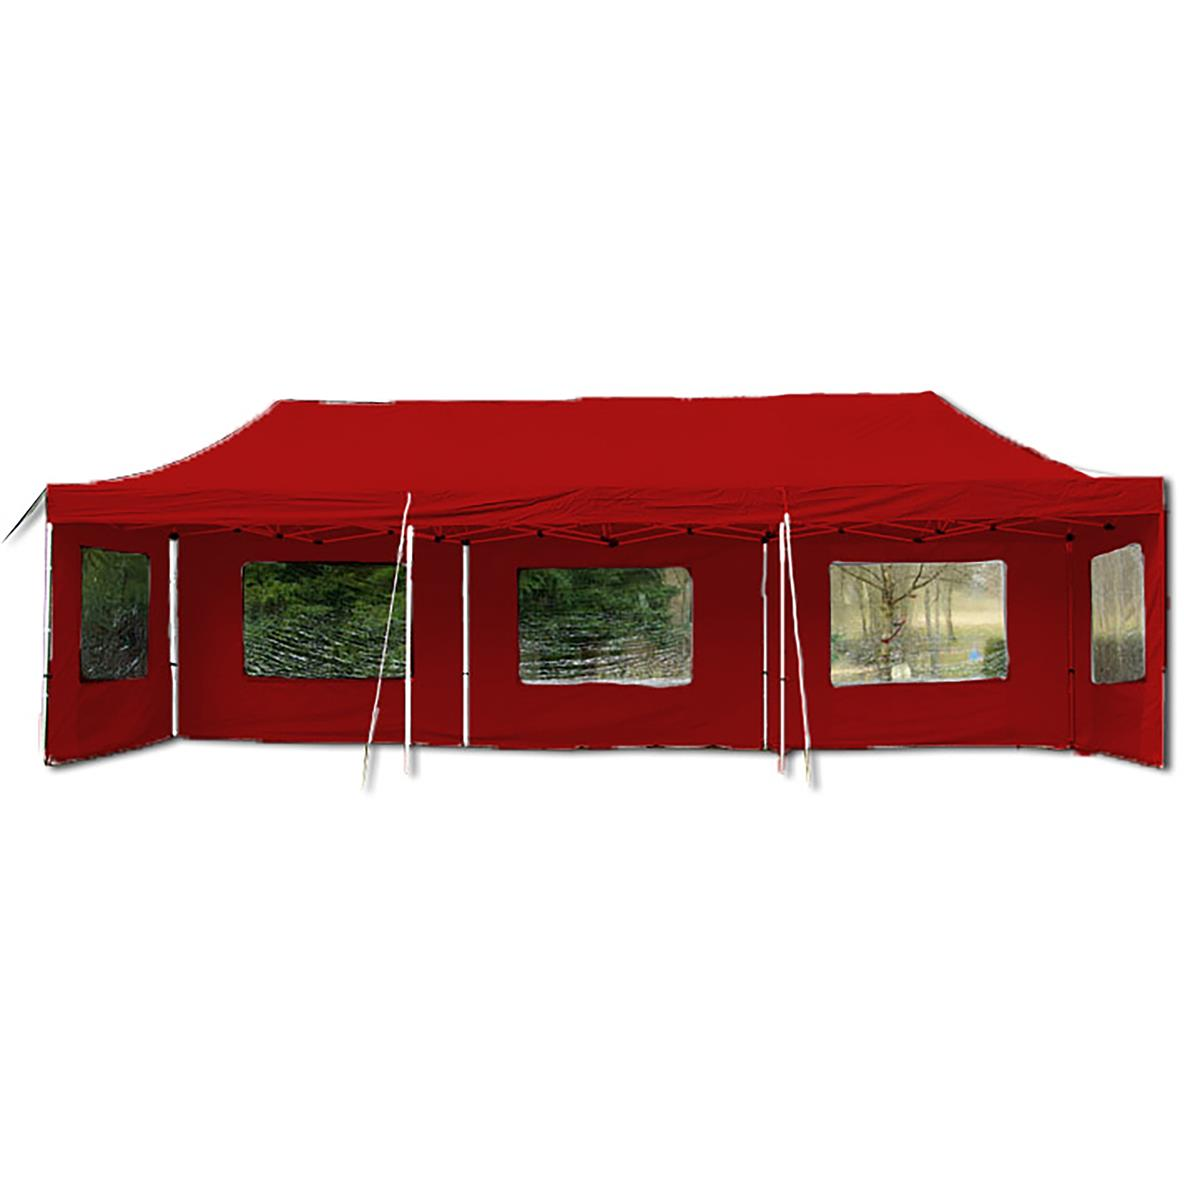 PROFI Faltpavillon Partyzelt 3x9 m rot mit Seitenteilen wasserdichtes Dach